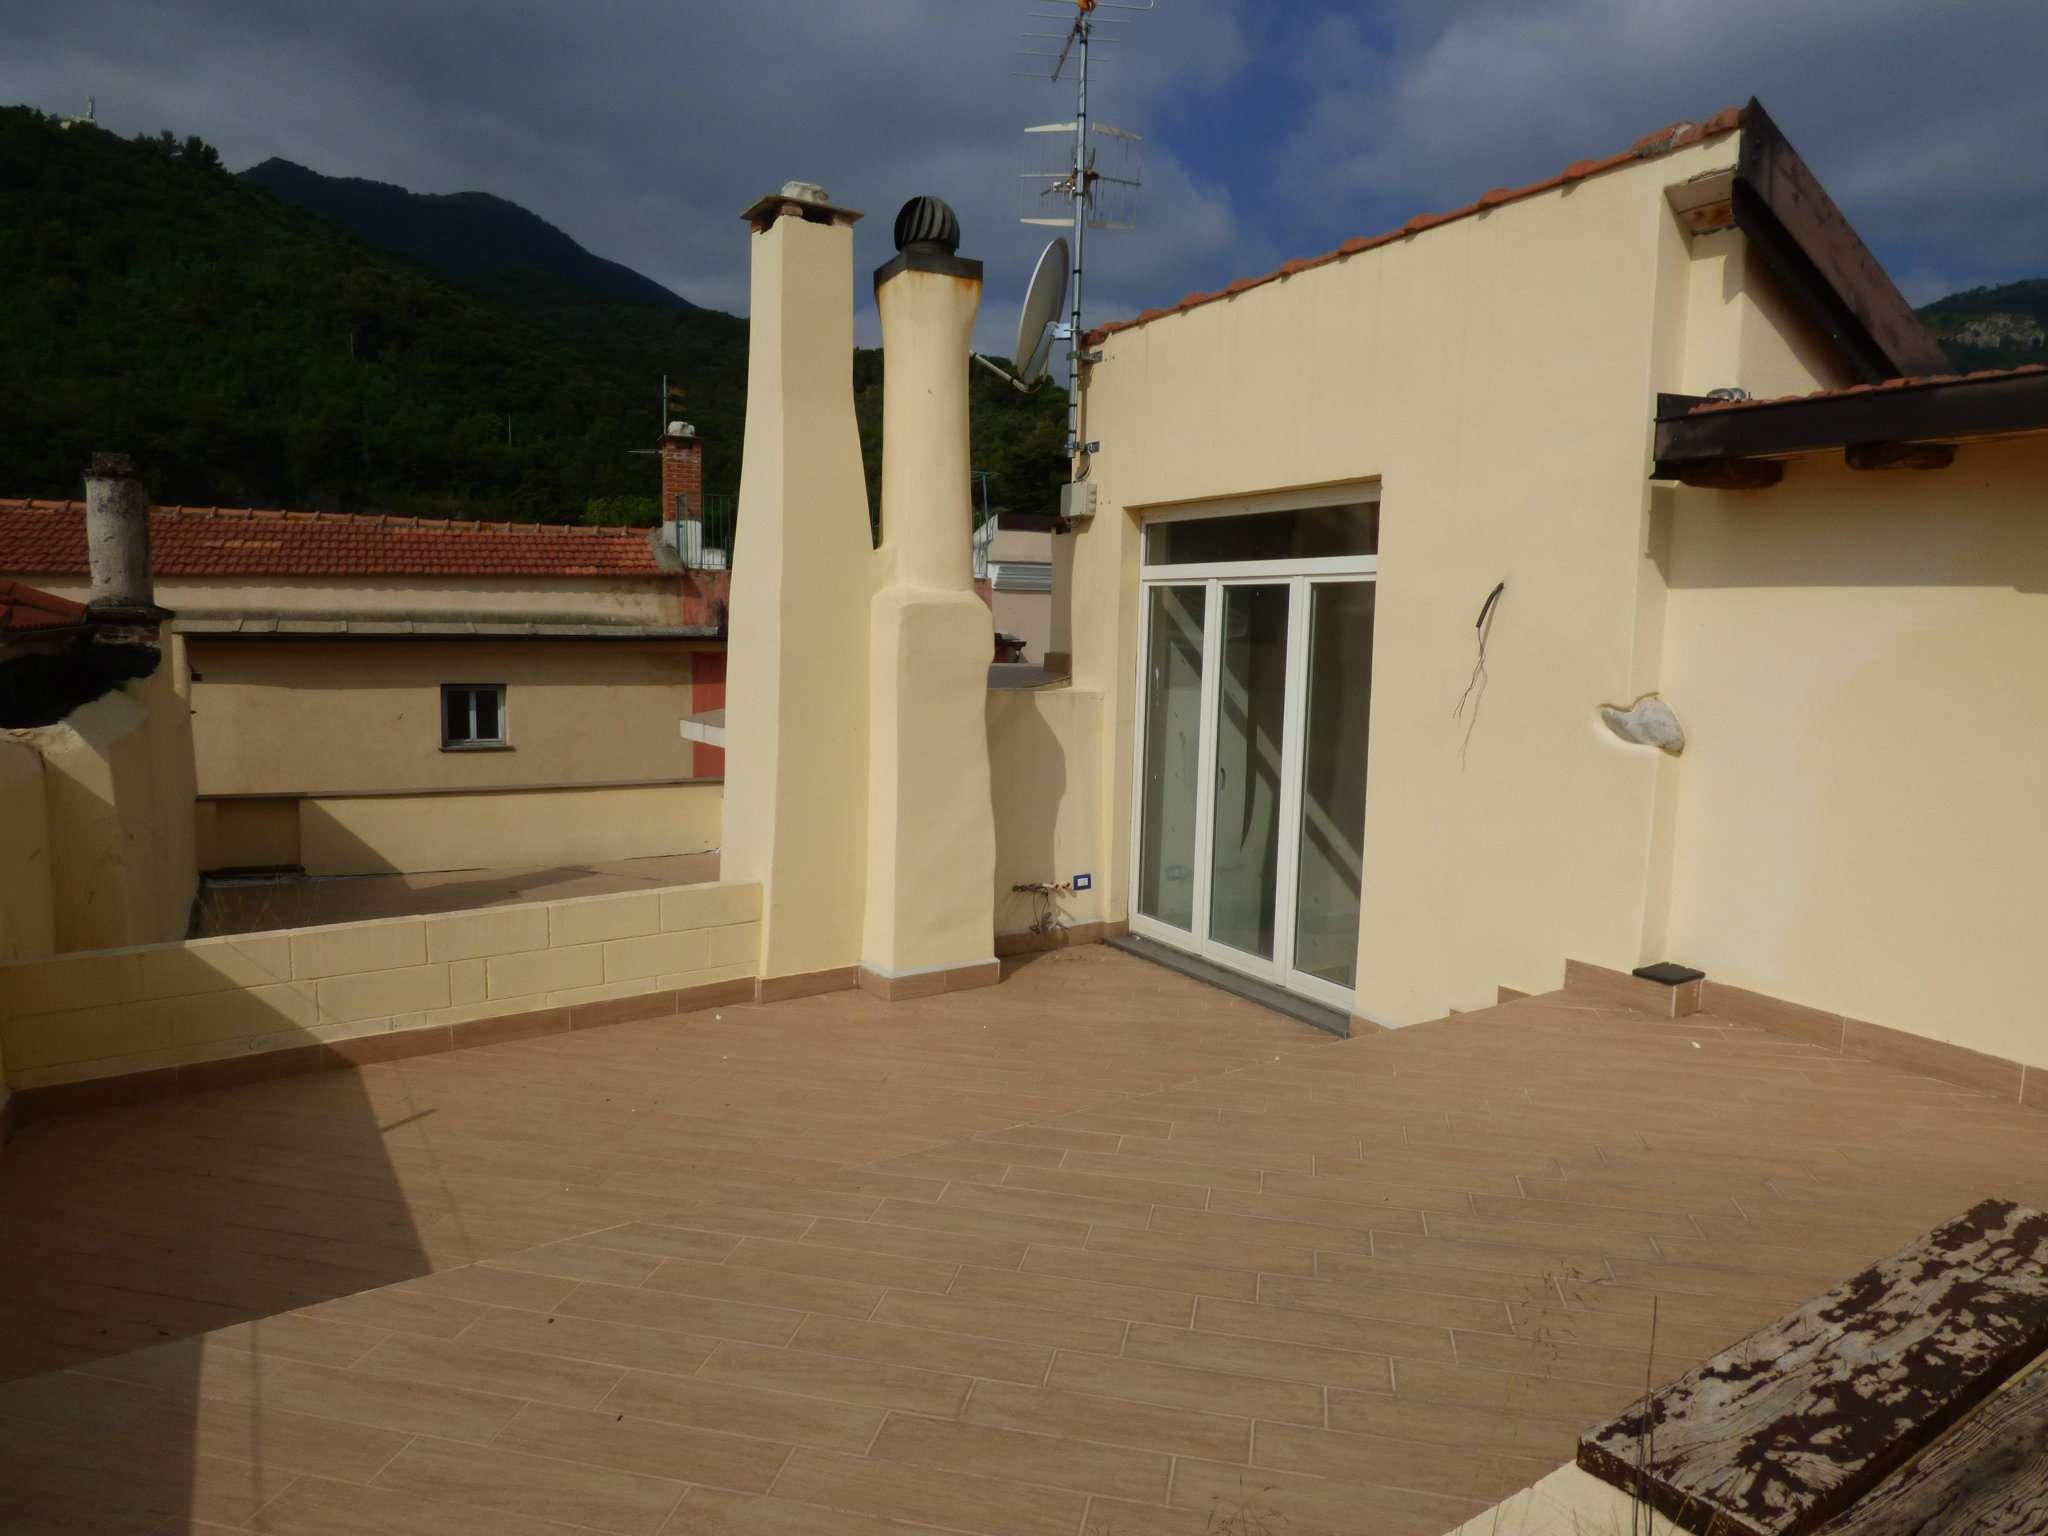 Appartamento in vendita a Toirano, 3 locali, prezzo € 180.000 | PortaleAgenzieImmobiliari.it